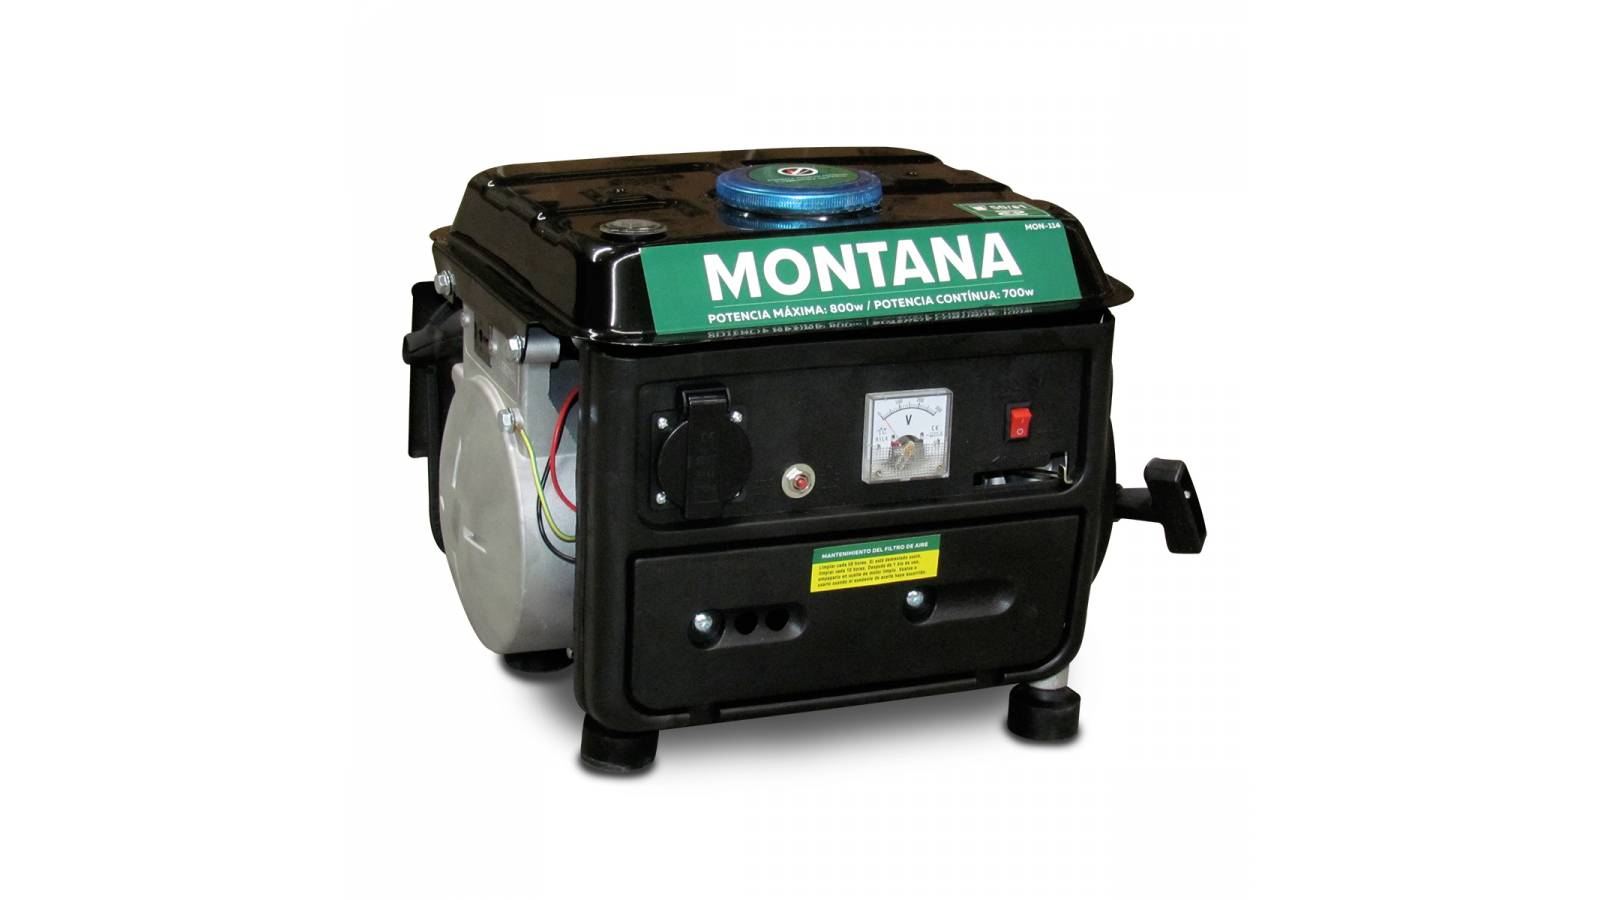 Generador Montana 800 W ( Motor 2 tiempos 63 cc )